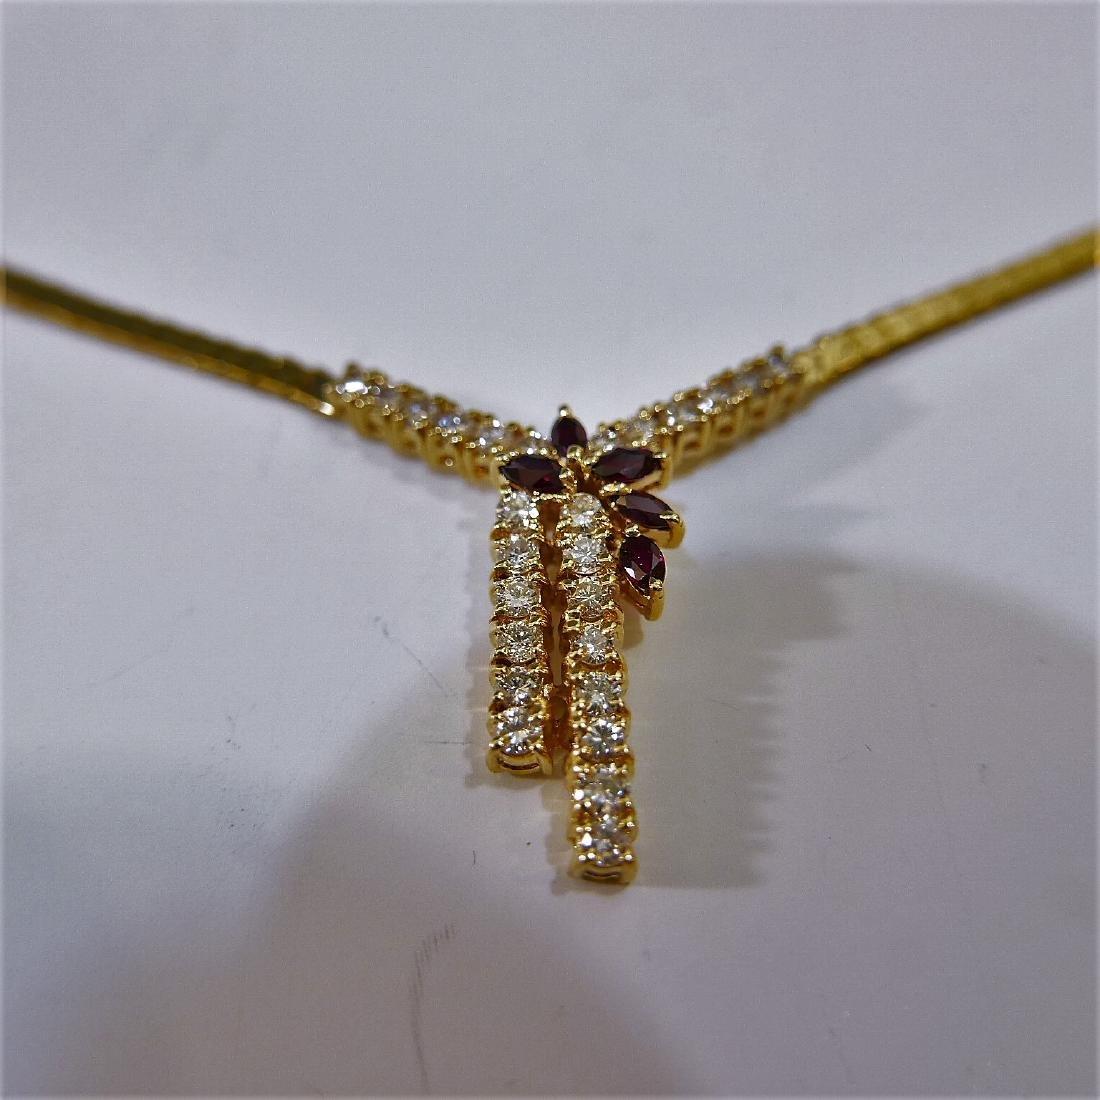 14K GOLD DIAMOND NECKLACE 15G - 3